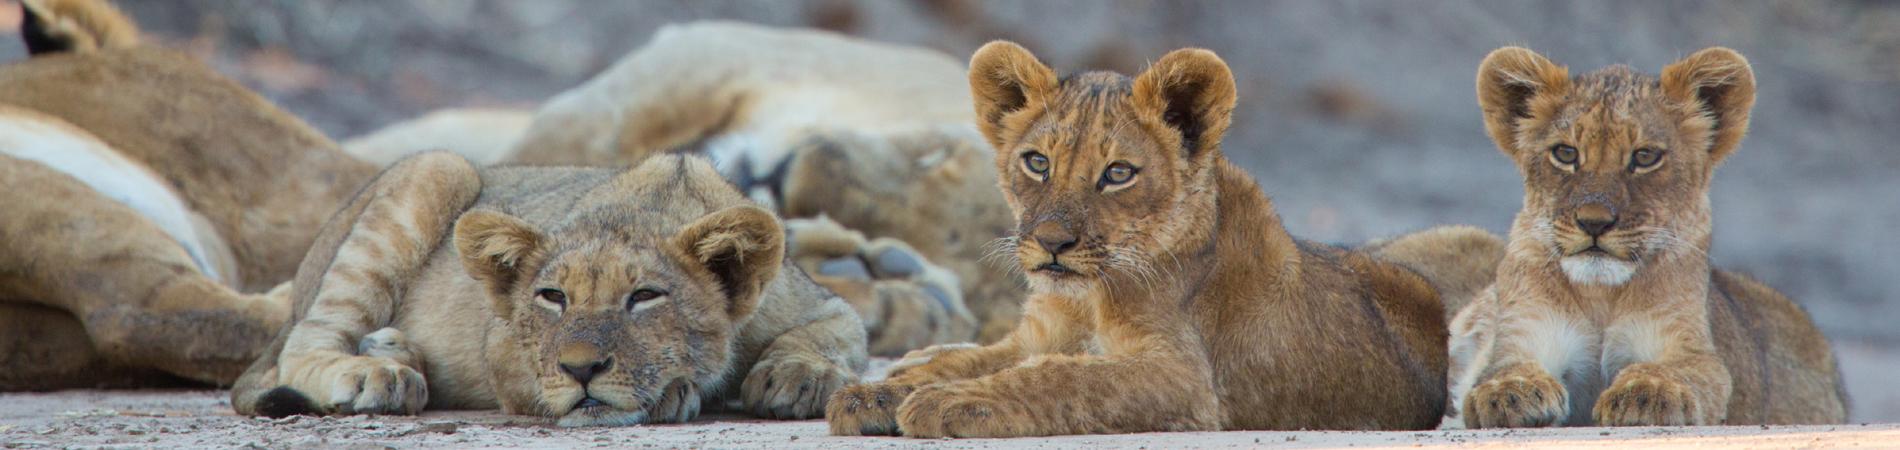 shutterstock zim lion cubs header